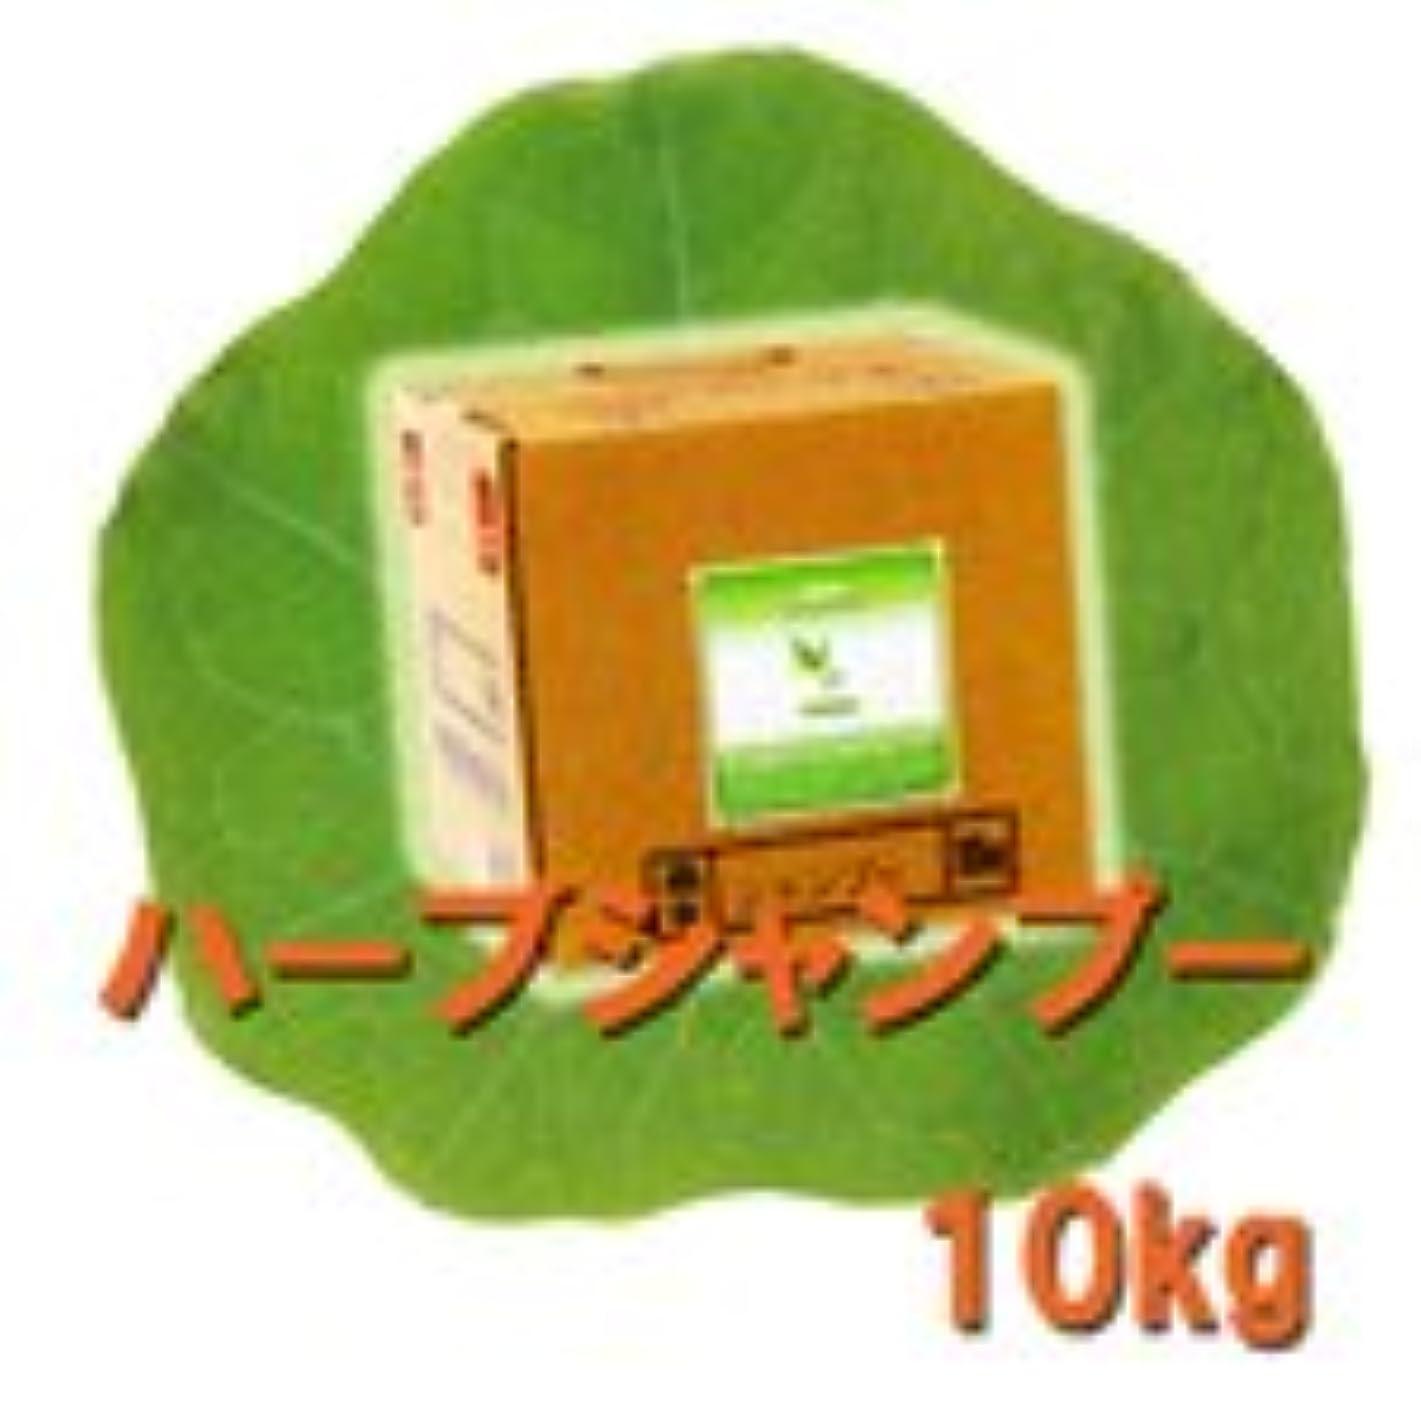 ブルーベル申し立てられた適応的中央有機化学 ハーブシリーズ ハーブシャンプー 10kg